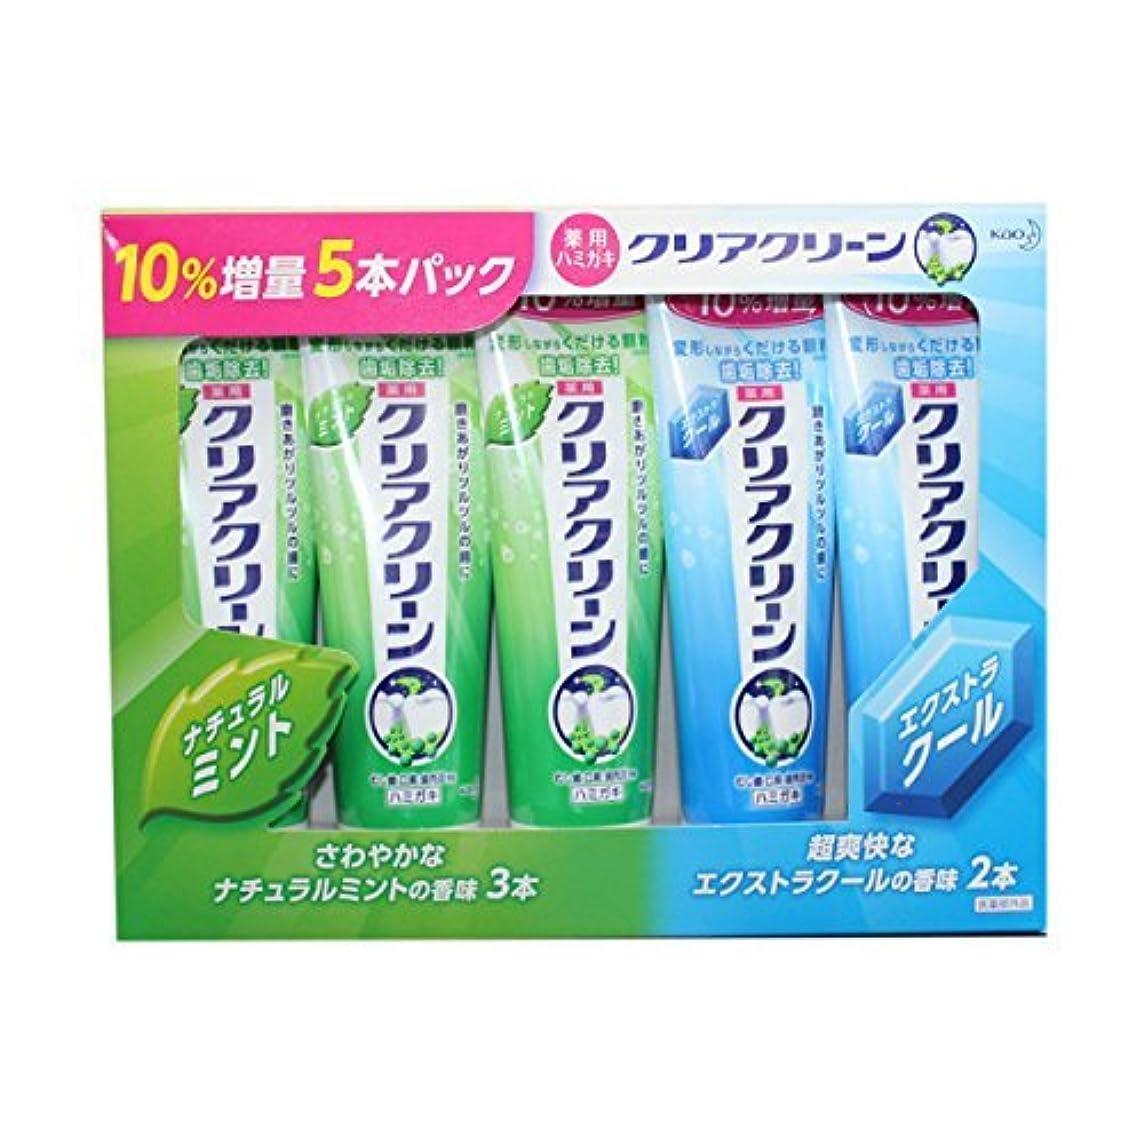 強度変位描写クリアクリーン 143gx5本セット(ナチュラルミントx3/エクストラクールx2) 10%増量セット 歯磨き粉